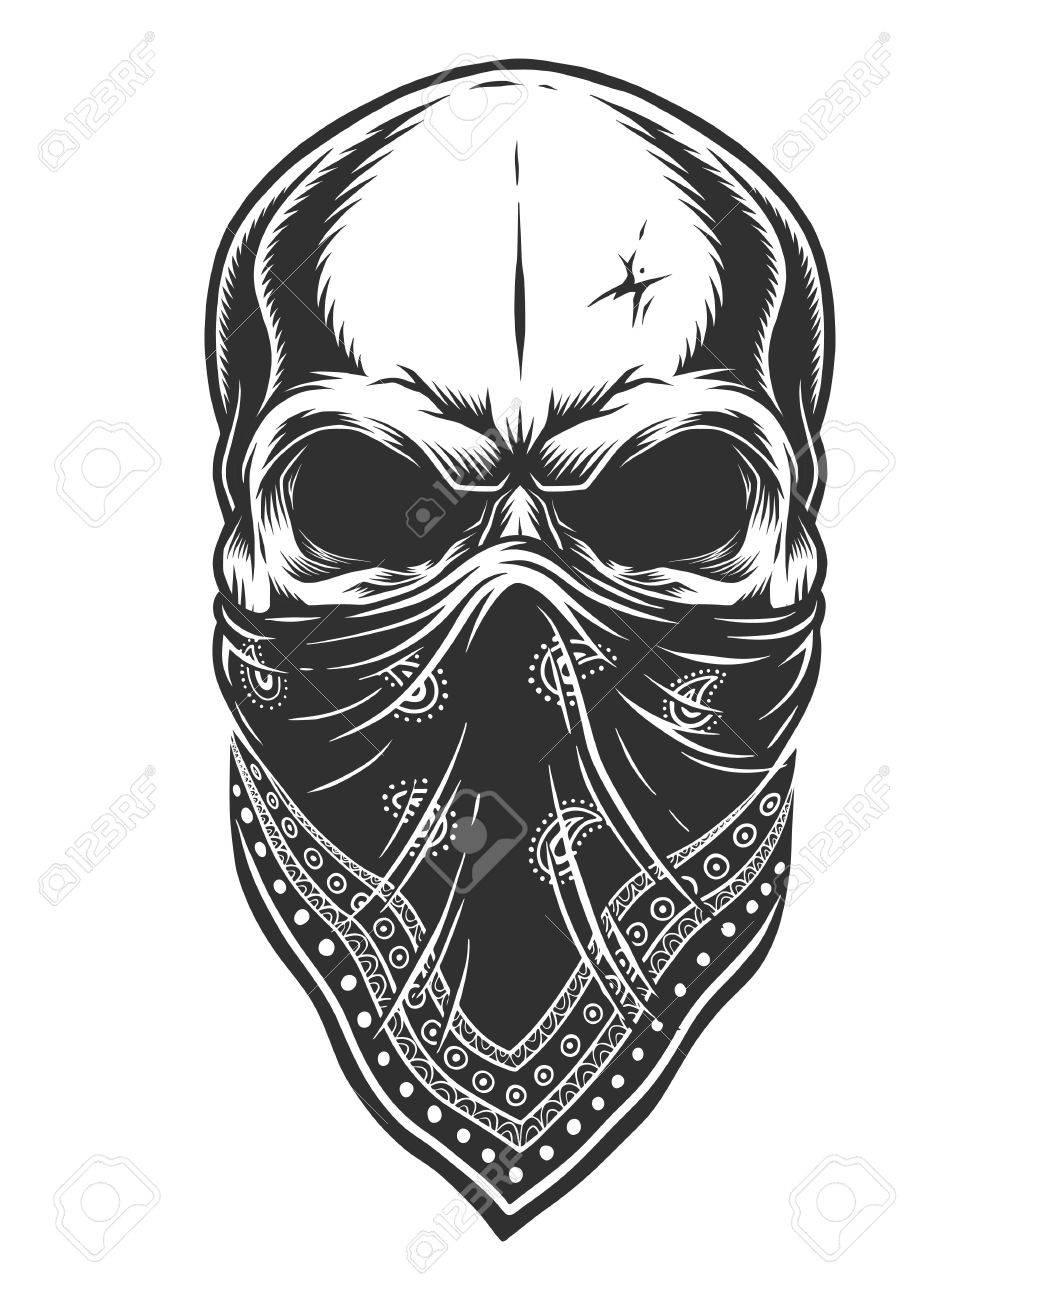 Illustration Of Skull In Bandana On Face Monochrome Line Work